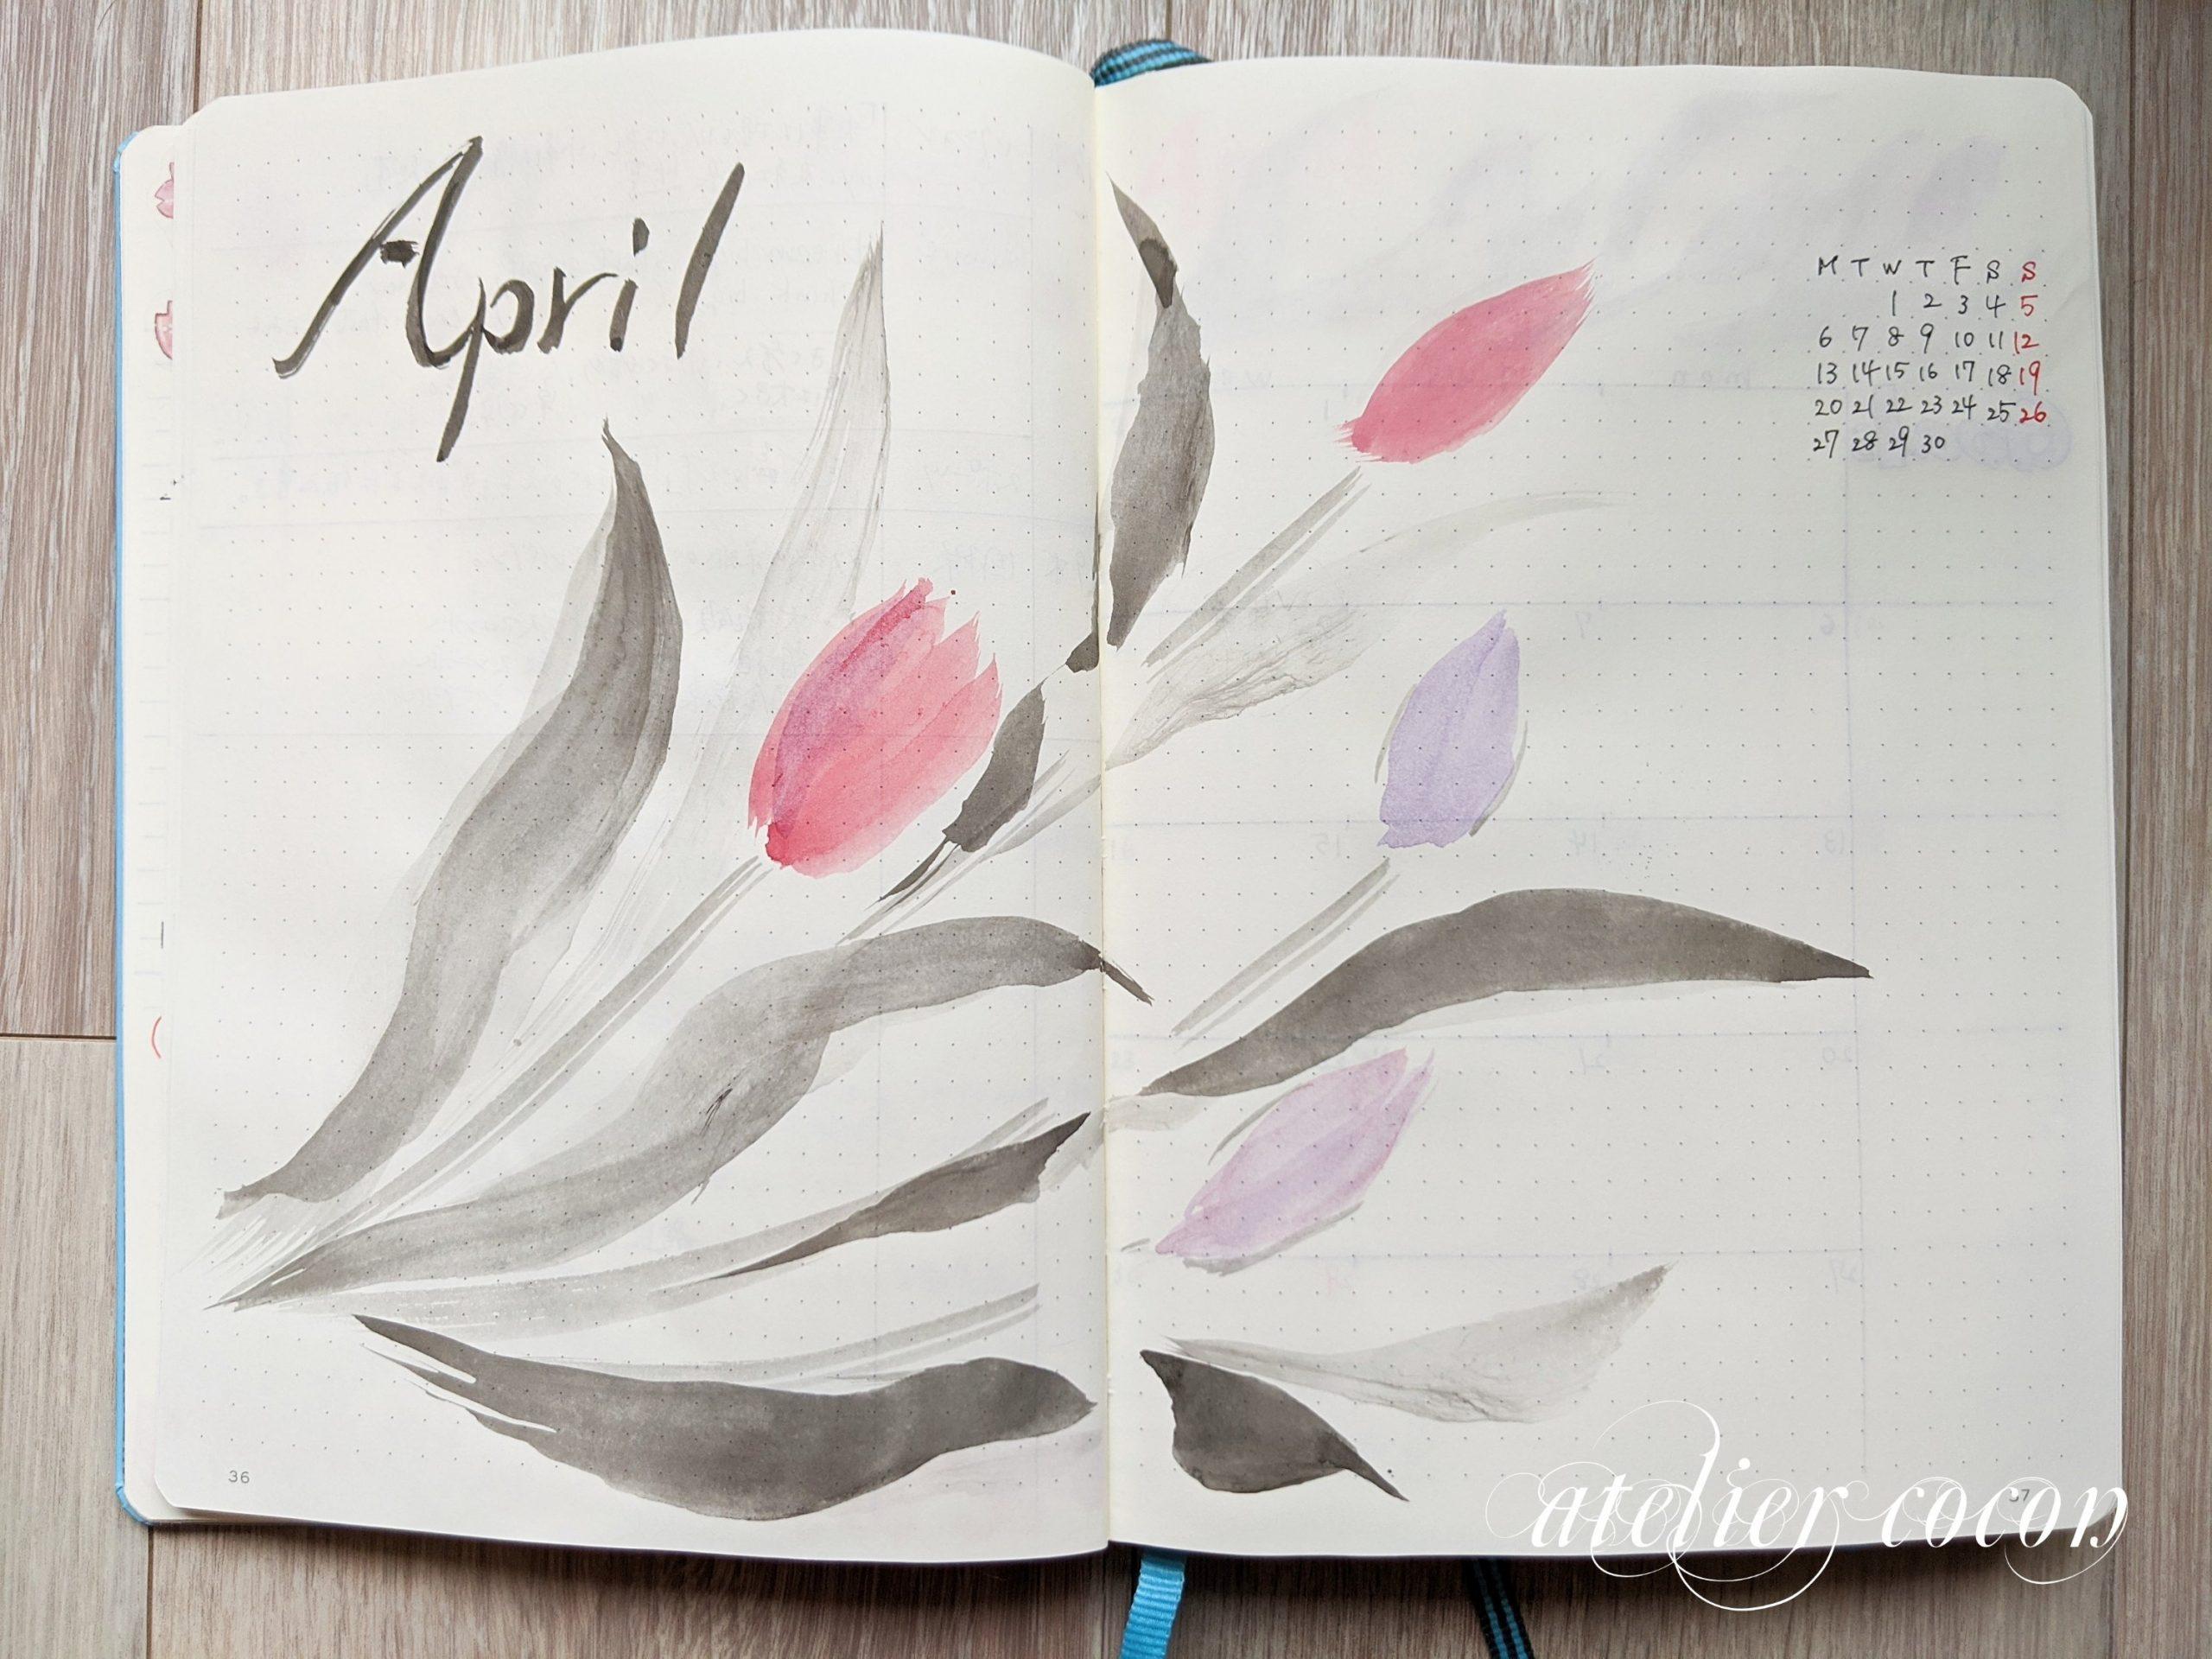 私のバレットジャーナル(Bullet Journal)2020年4月ページ紹介